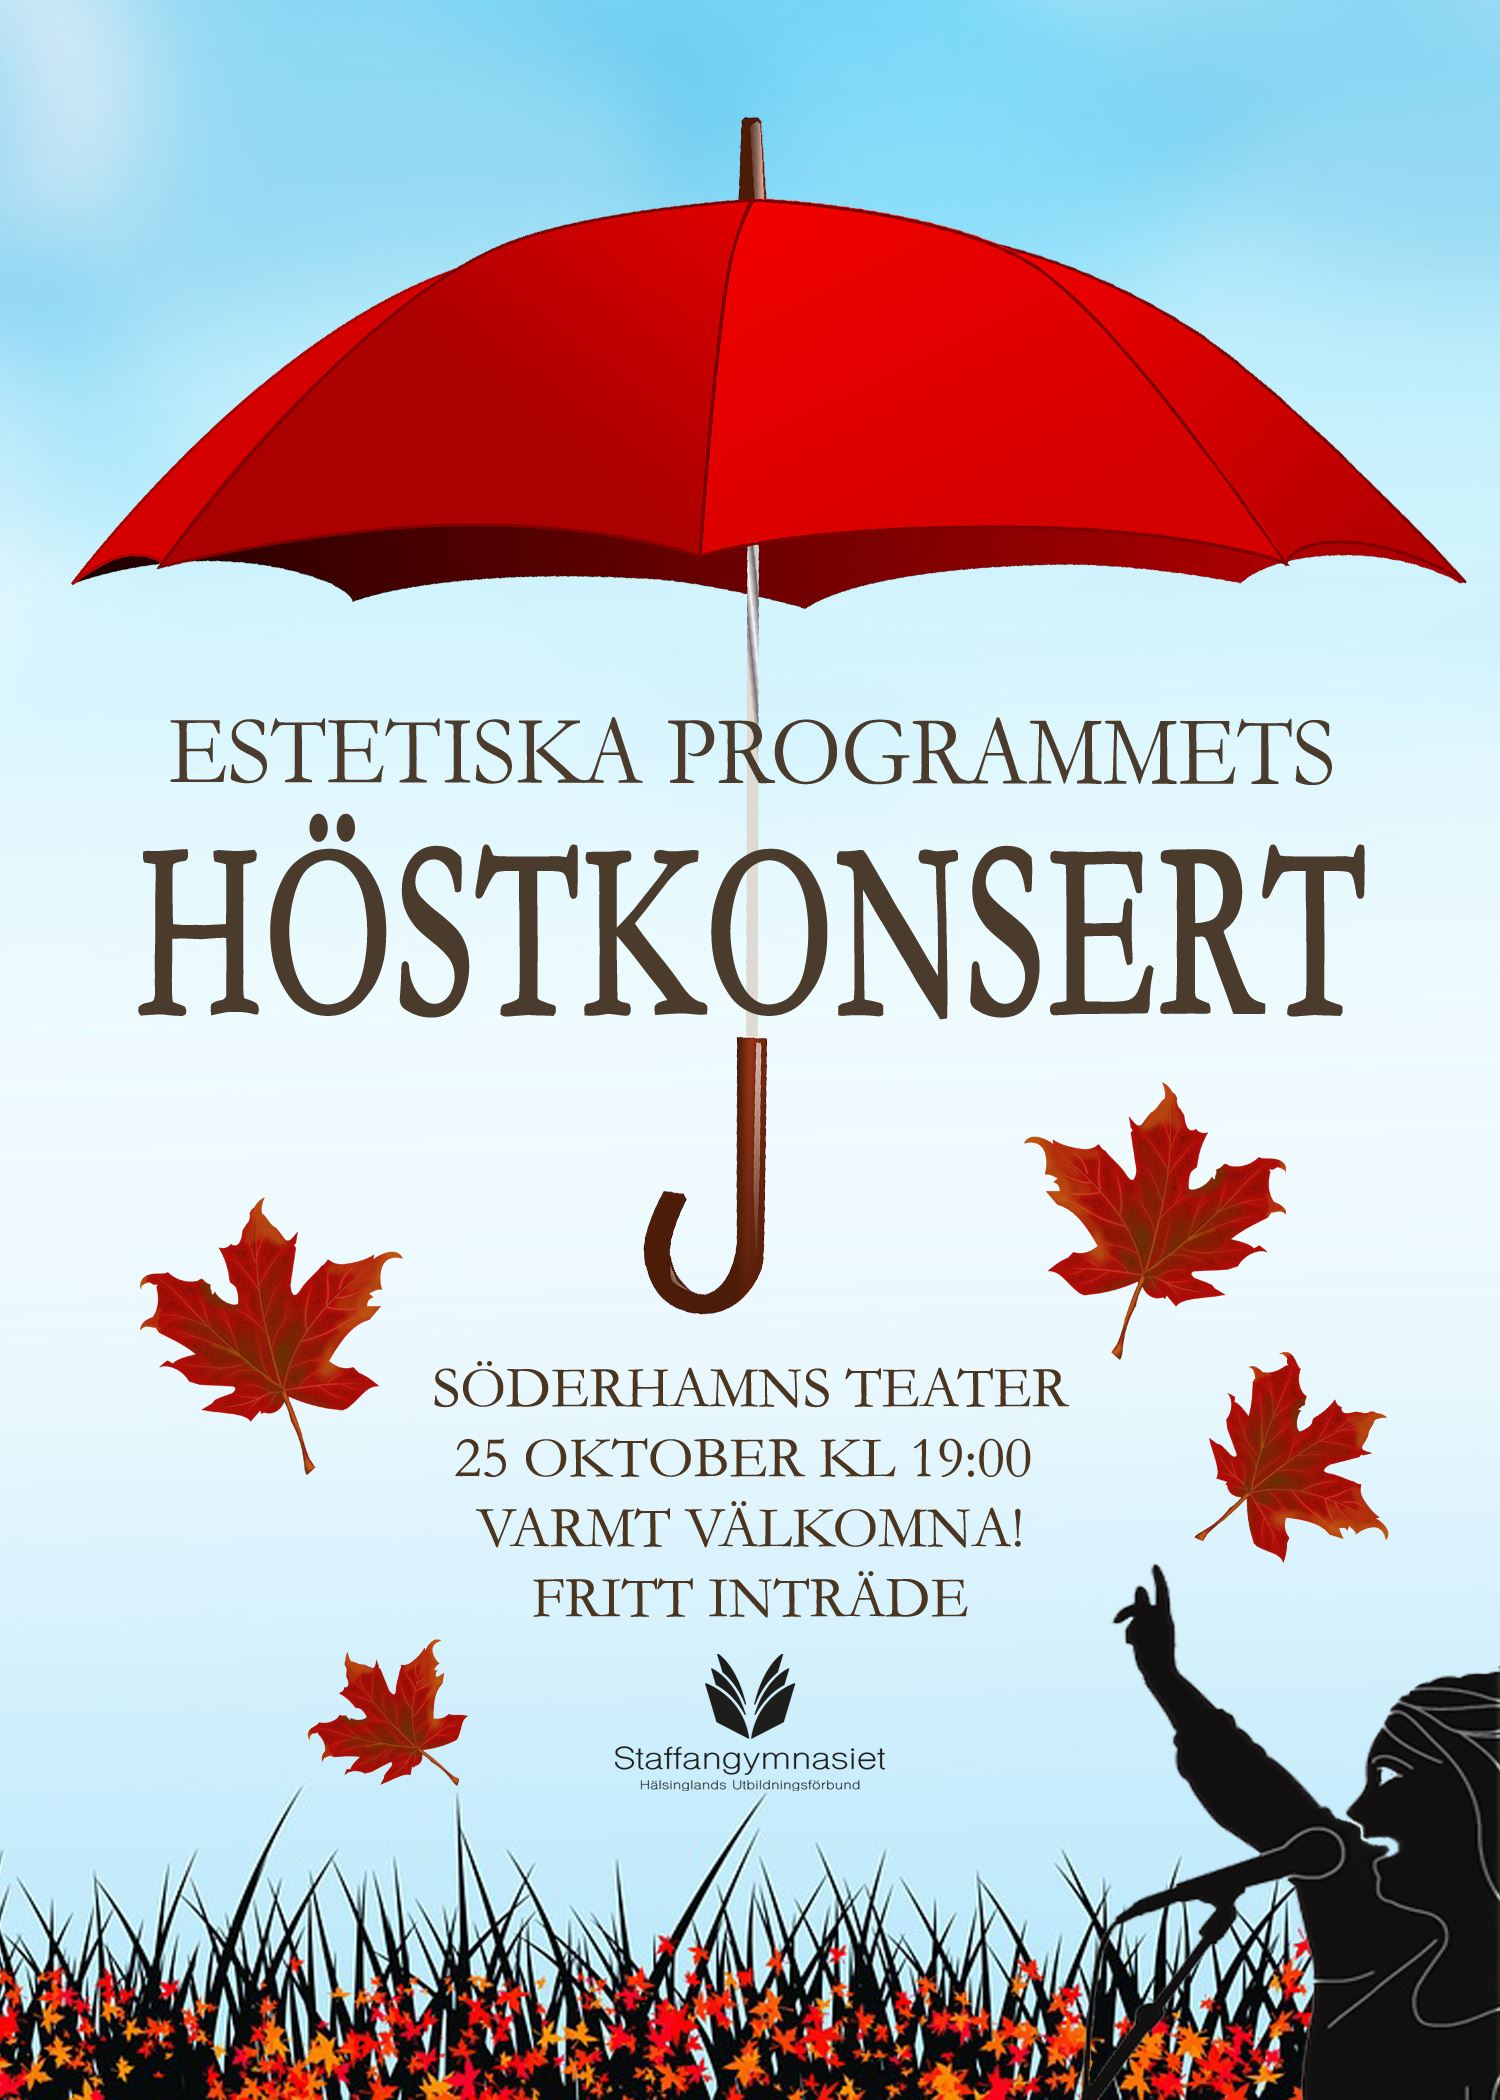 Höstkonsert med Estetiska Programmet